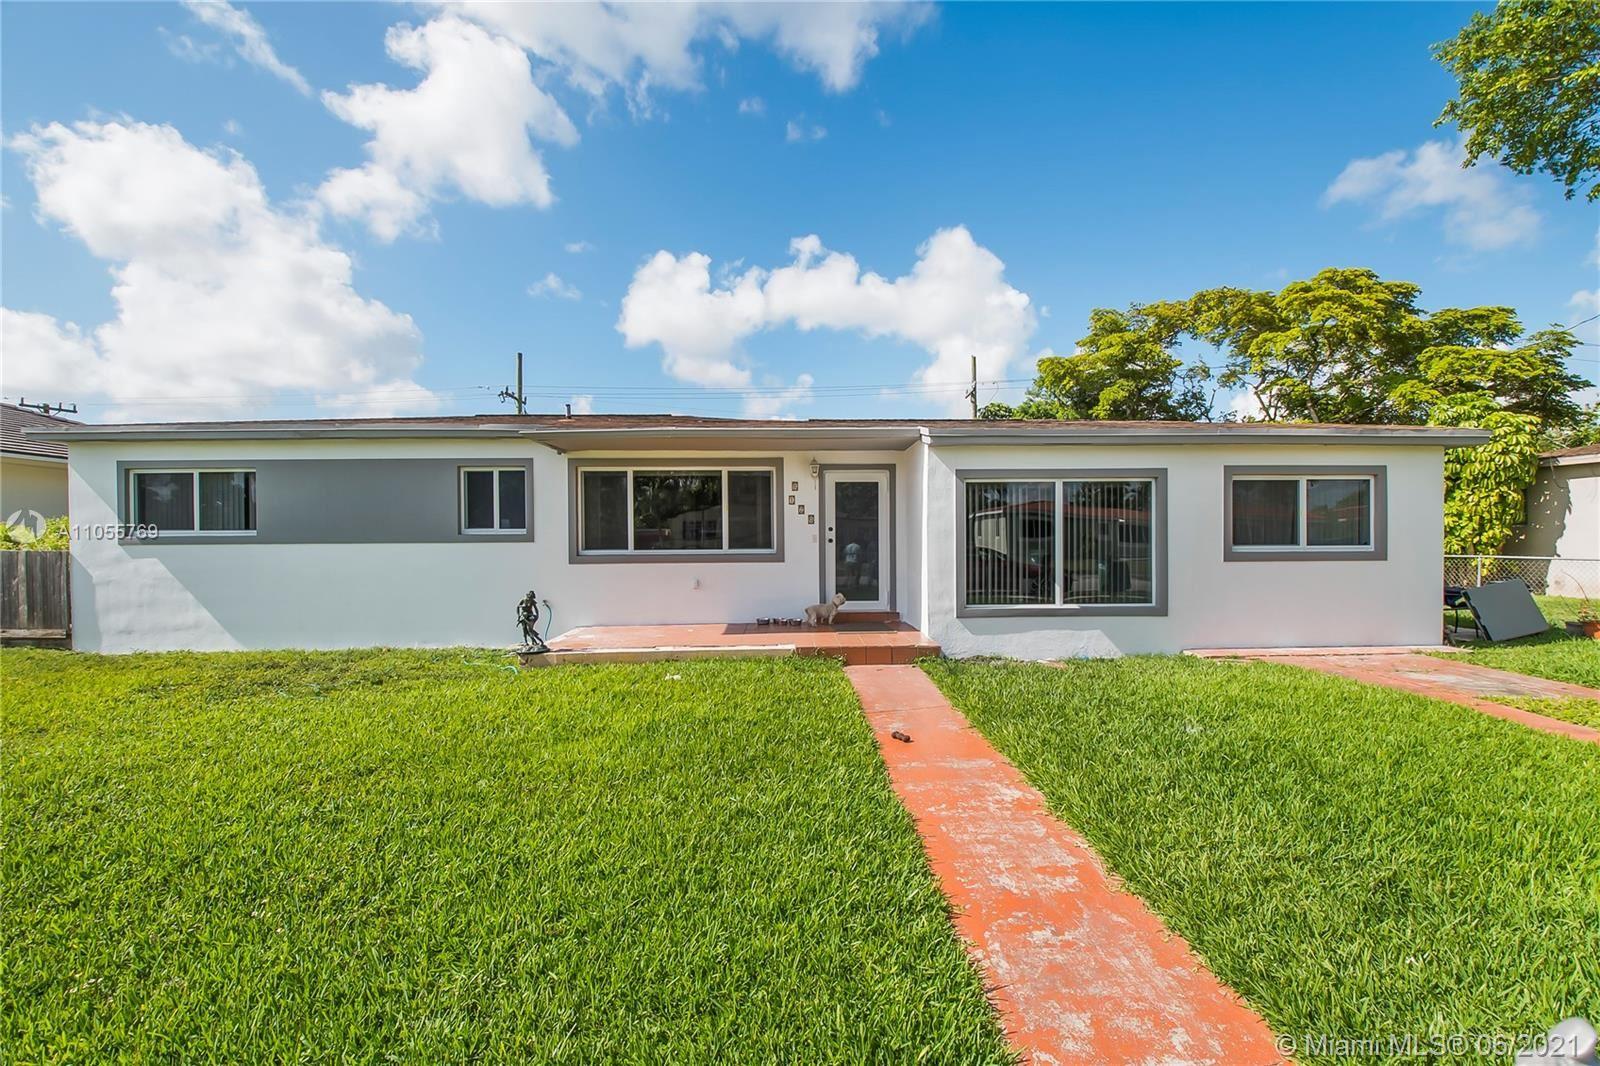 8120 SW 37th Ter, Miami, FL 33155 - #: A11055769